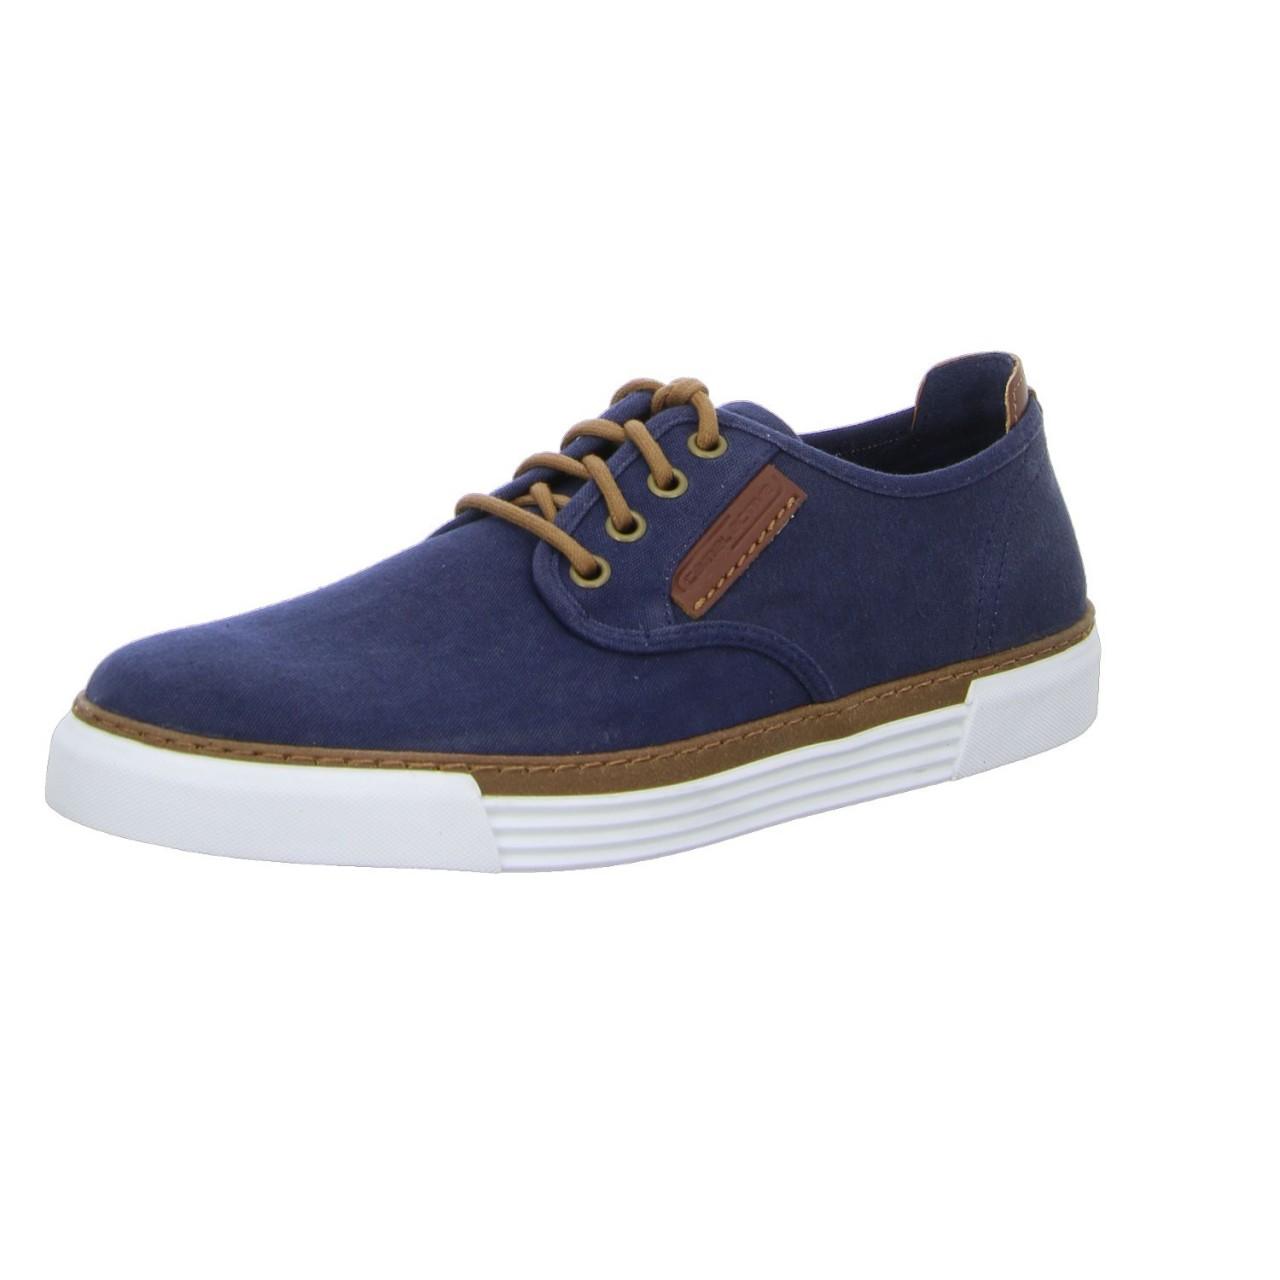 Sneaker Camel Sneaker blau blau blau Camel blau Camel qvXXB8xdw